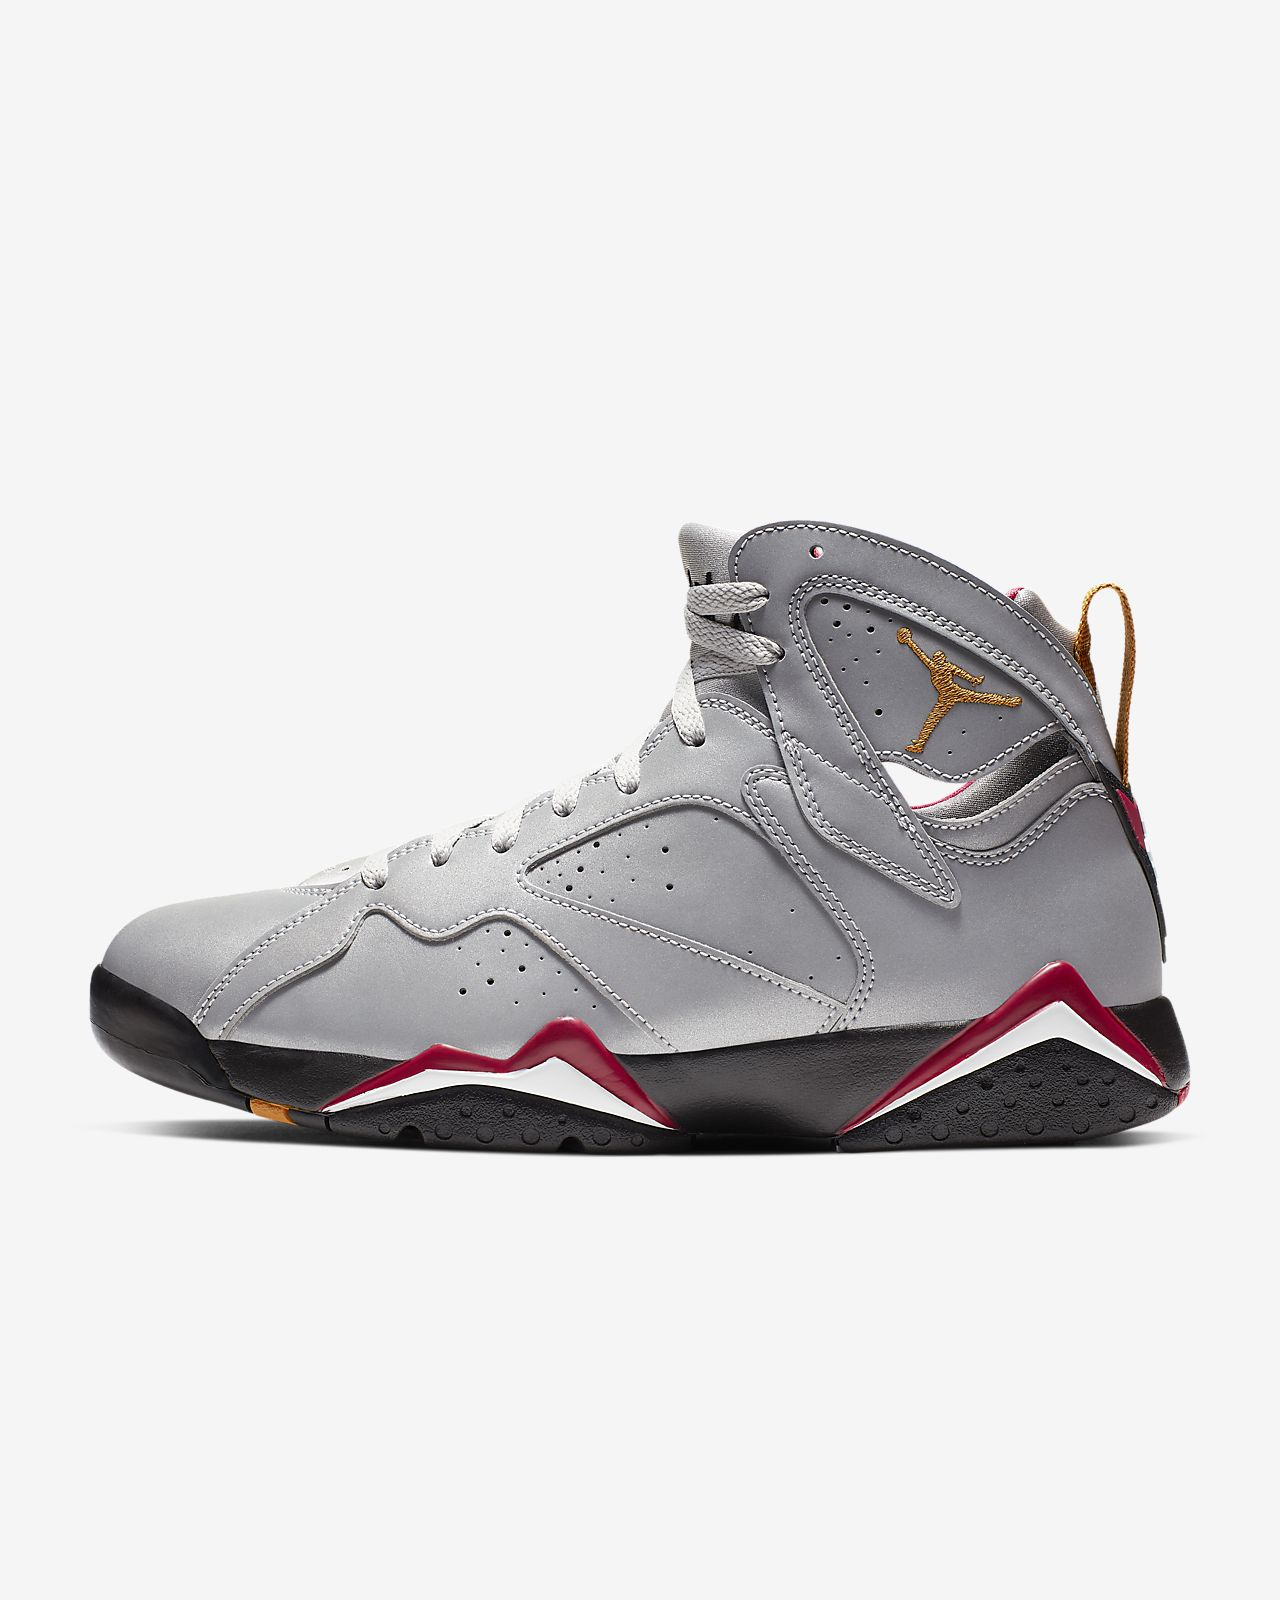 sports shoes 71c22 59a9a ... Air Jordan 7 Retro SP Men s Shoe